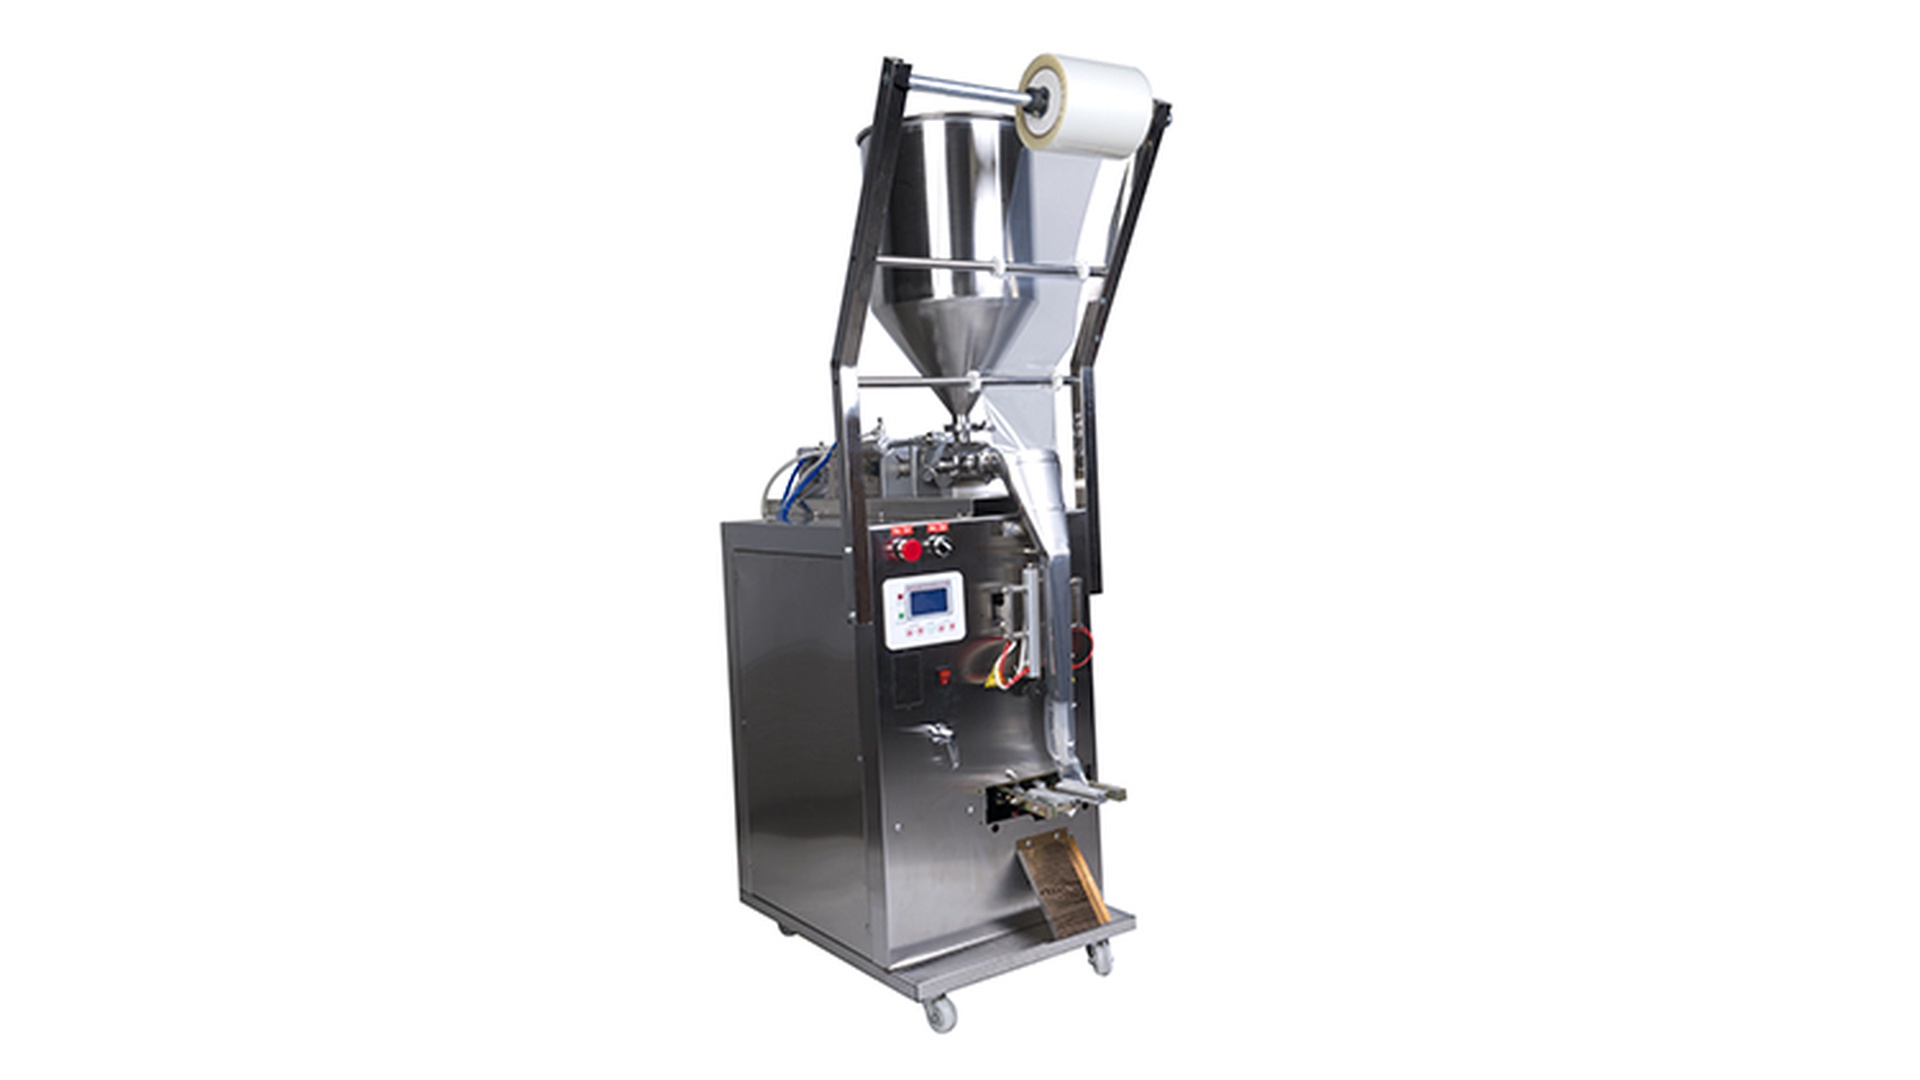 دستگاه ساشه مایعات سه طرف دوخت مدل 20542